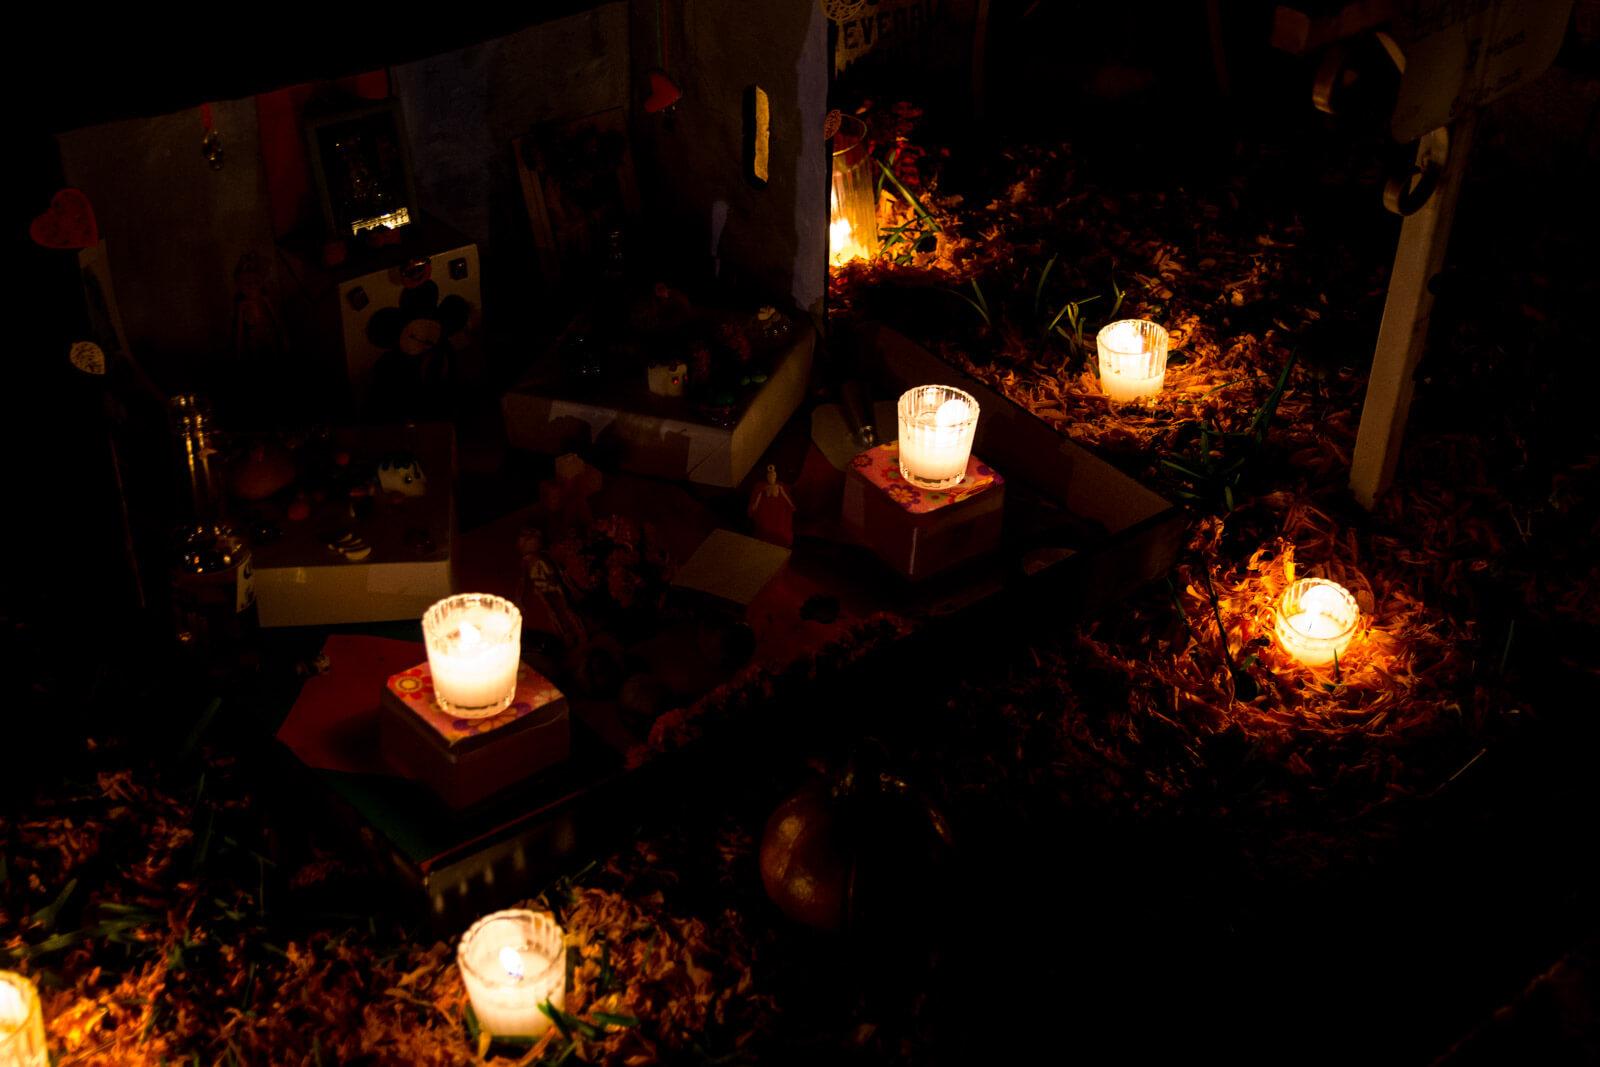 The Dia de Muertos' altars in Oaxaca